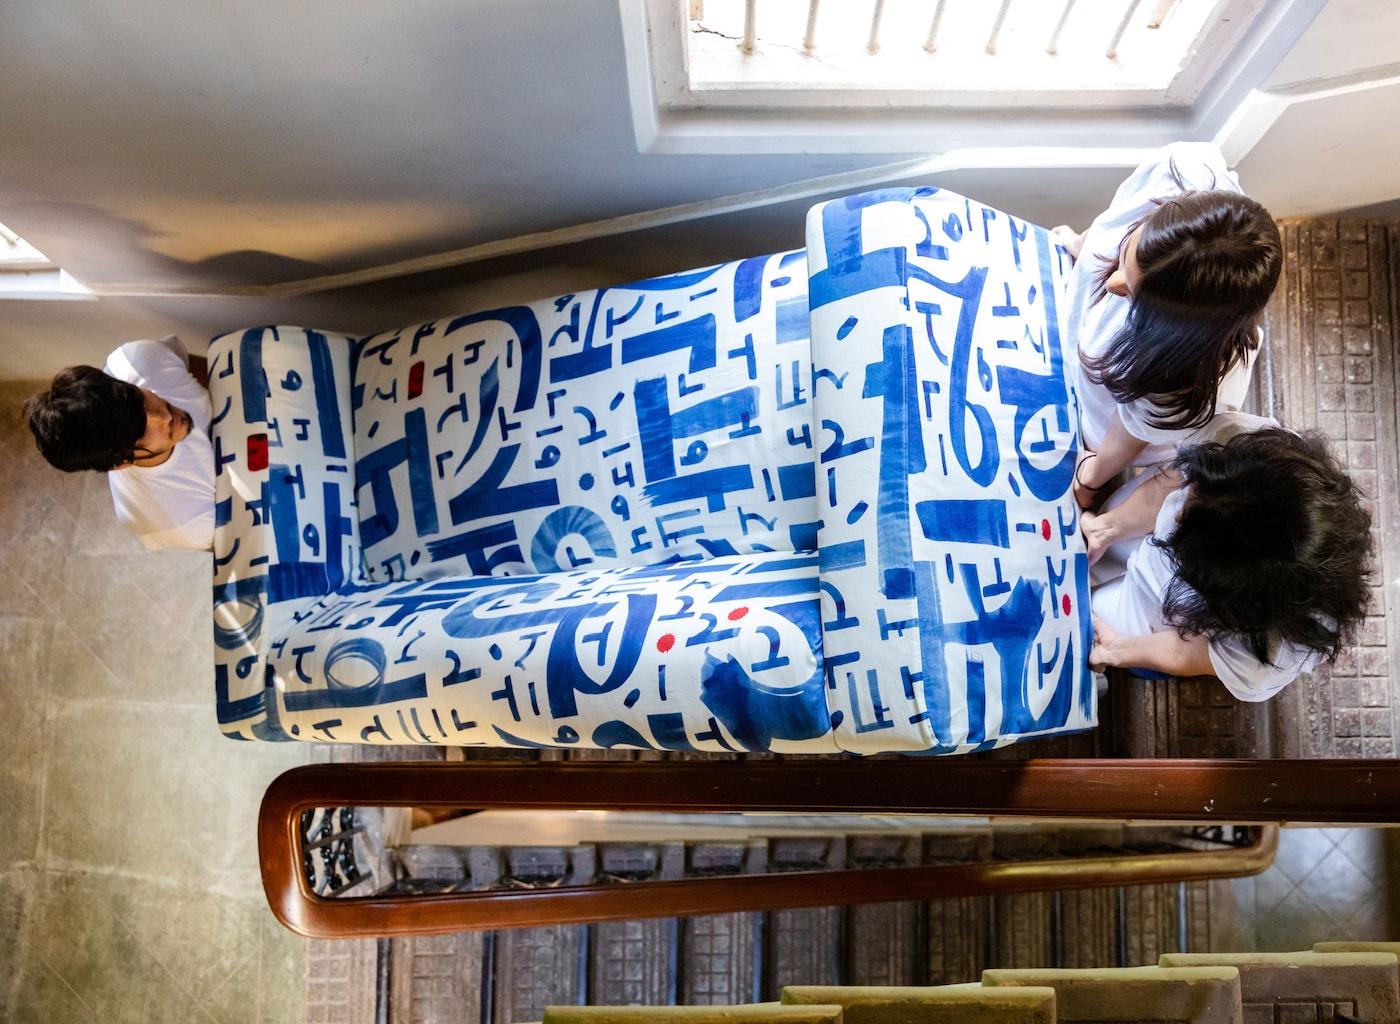 Trei oameni cu păr închis la culoare ducând o canapea KLIPPAN albastru cu alb pe scări.